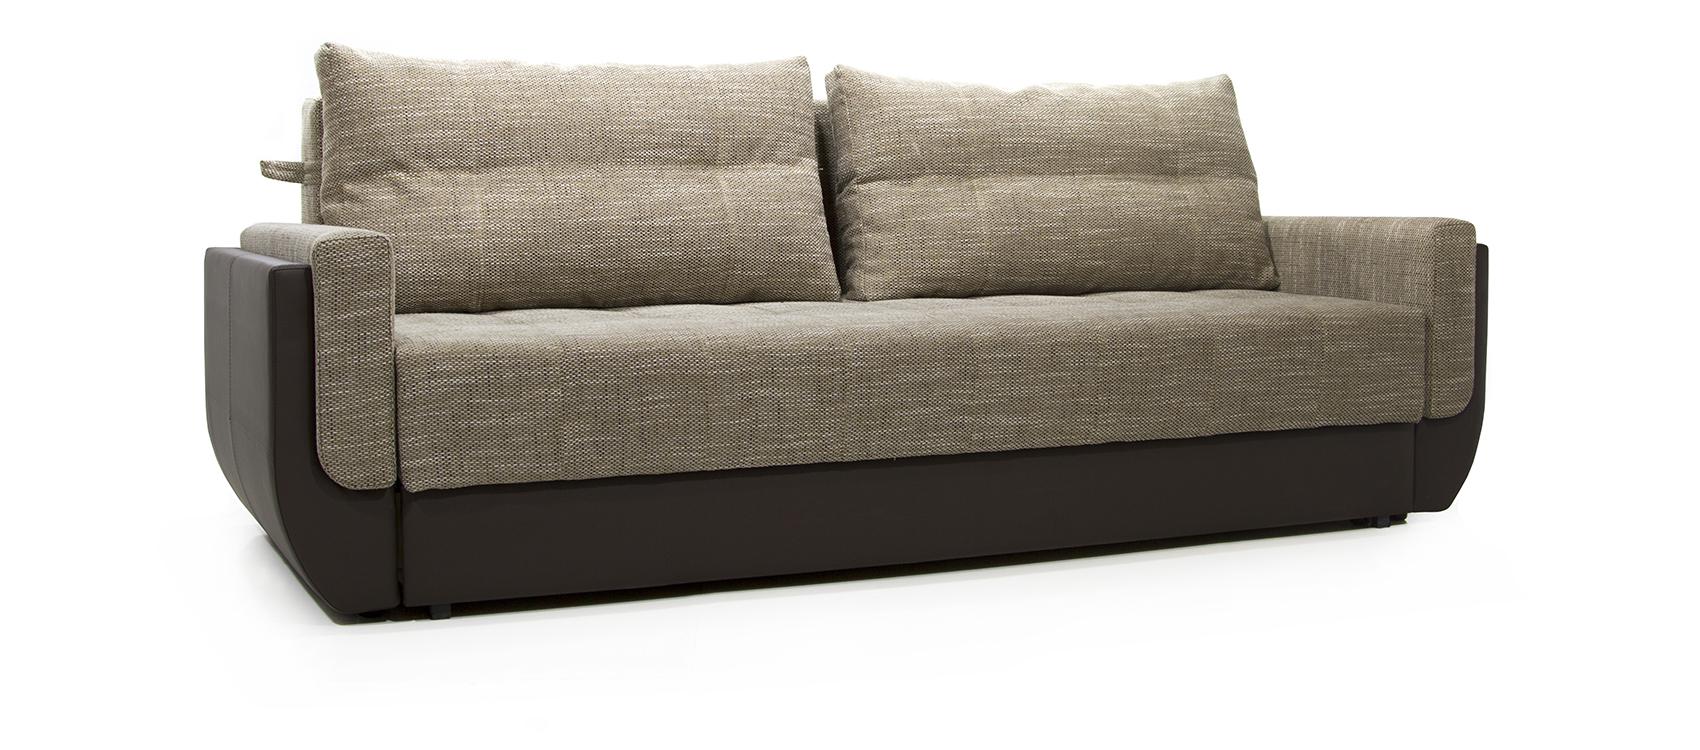 Sofa FAVORITE foto 2